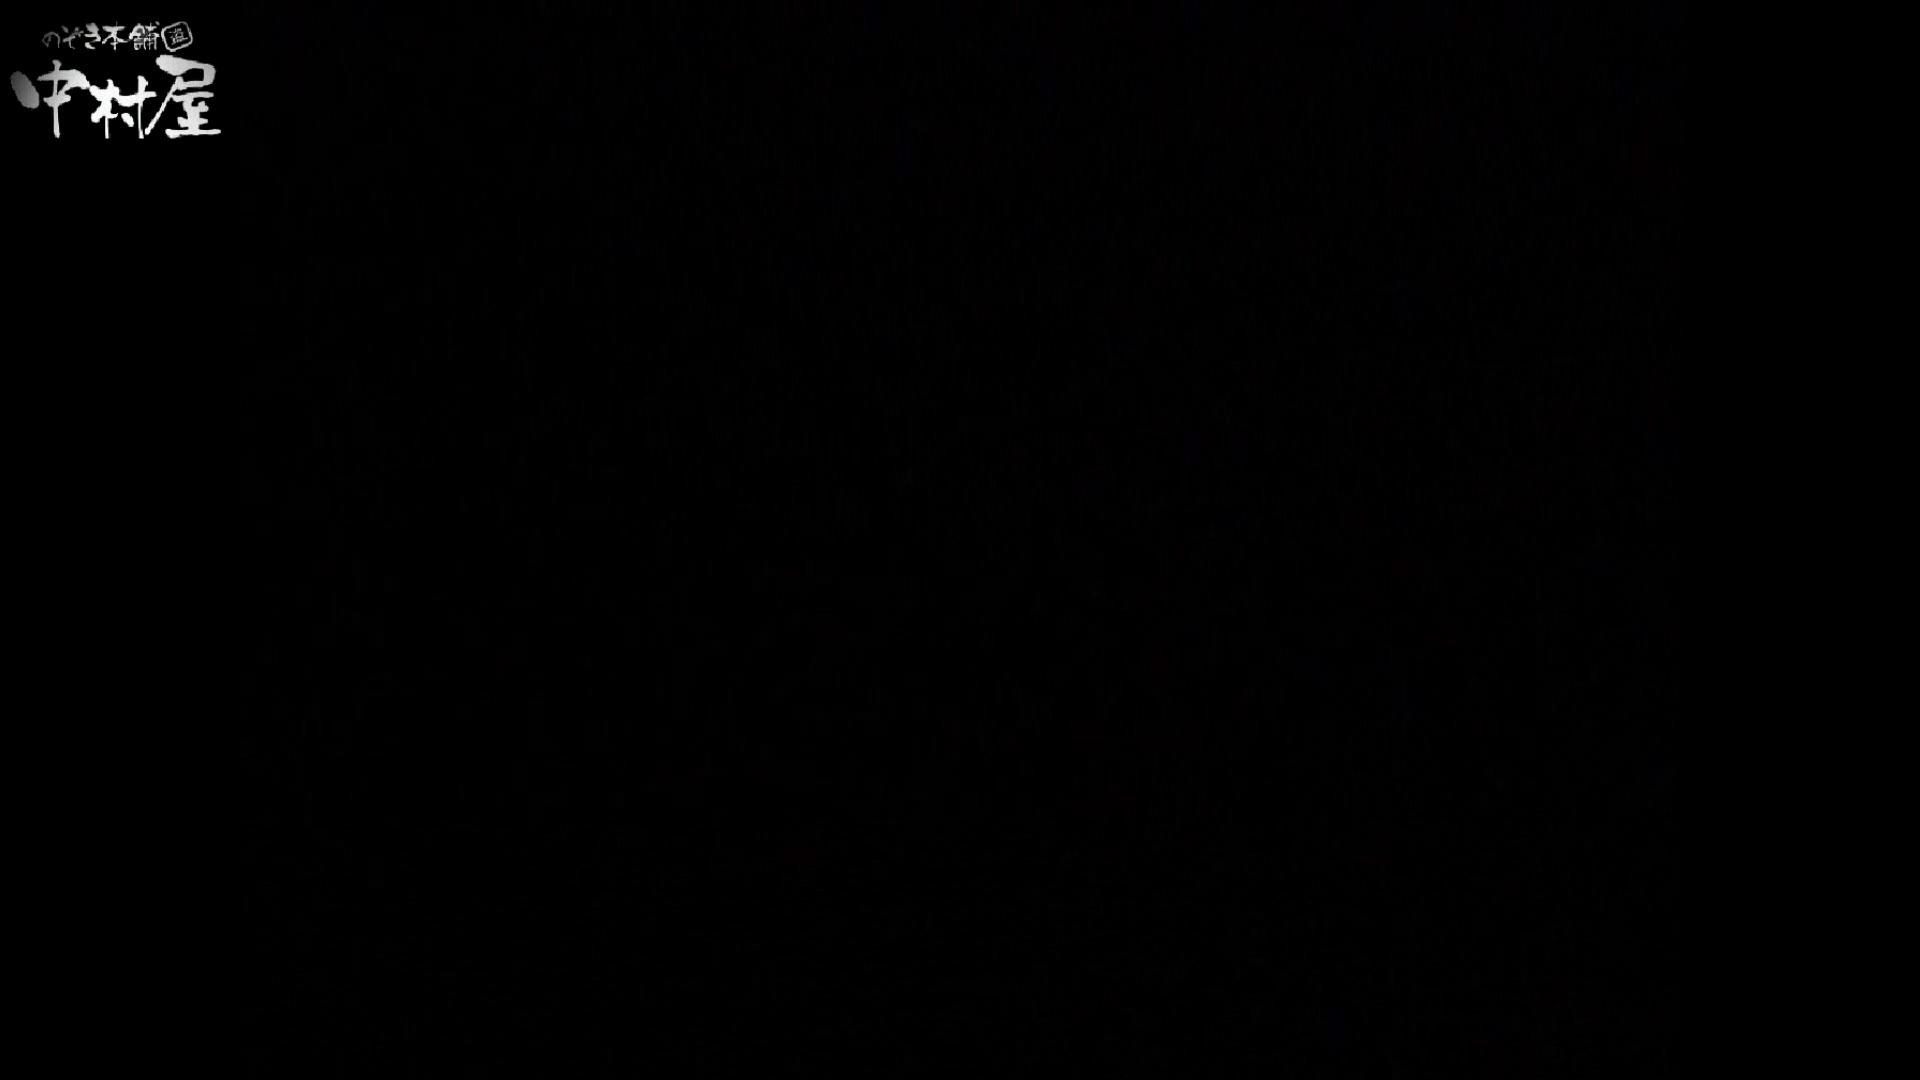 民家風呂専門盗撮師の超危険映像 vol.008 民家 | 股間特別編  88枚 25